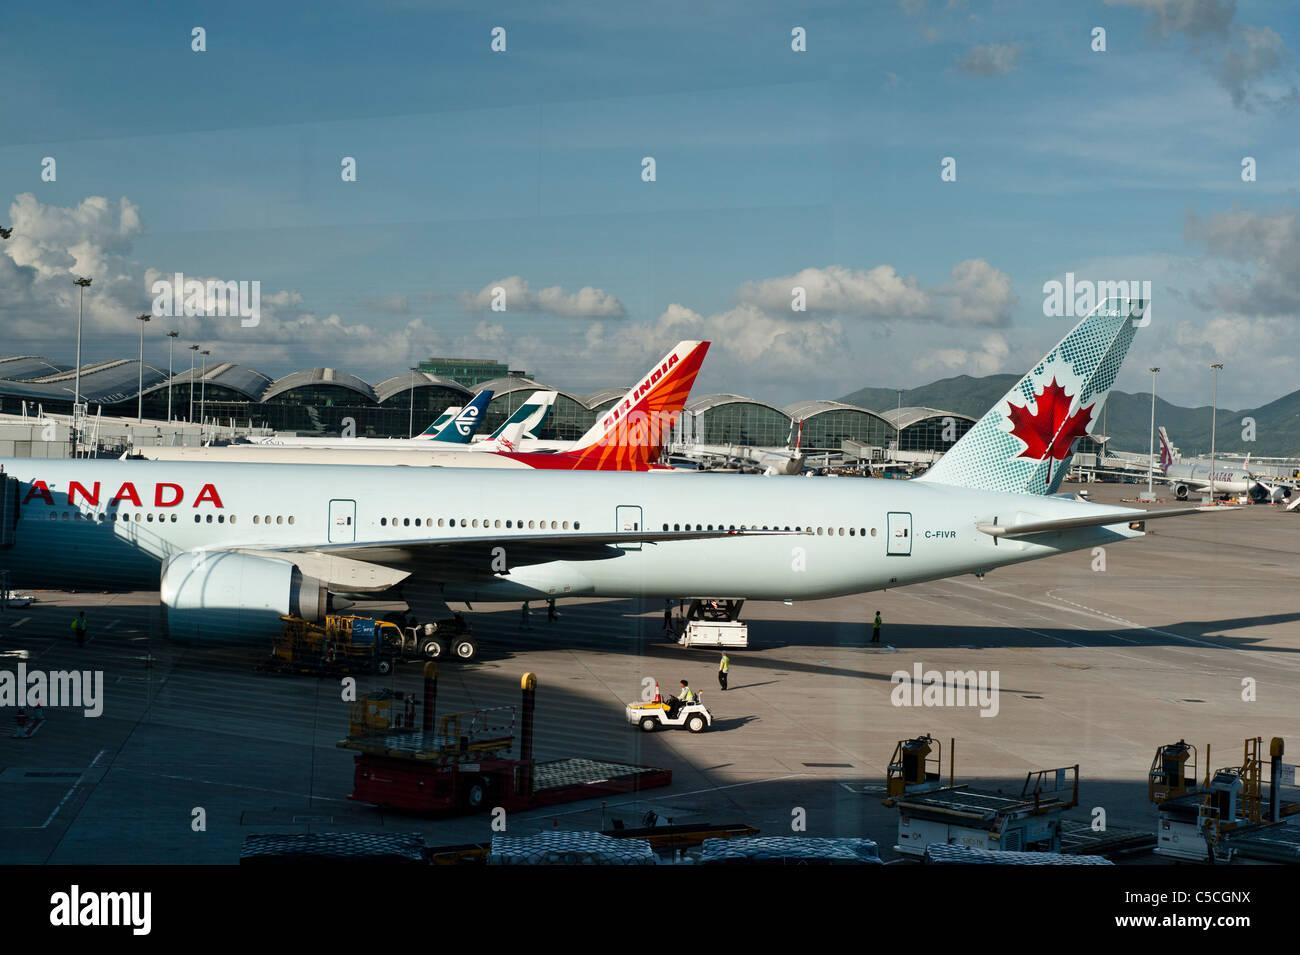 Hong Kong International Airport. Afternoon at Chek lap Kok, Hong Kong International Airport. With Air Canada and - Stock Image